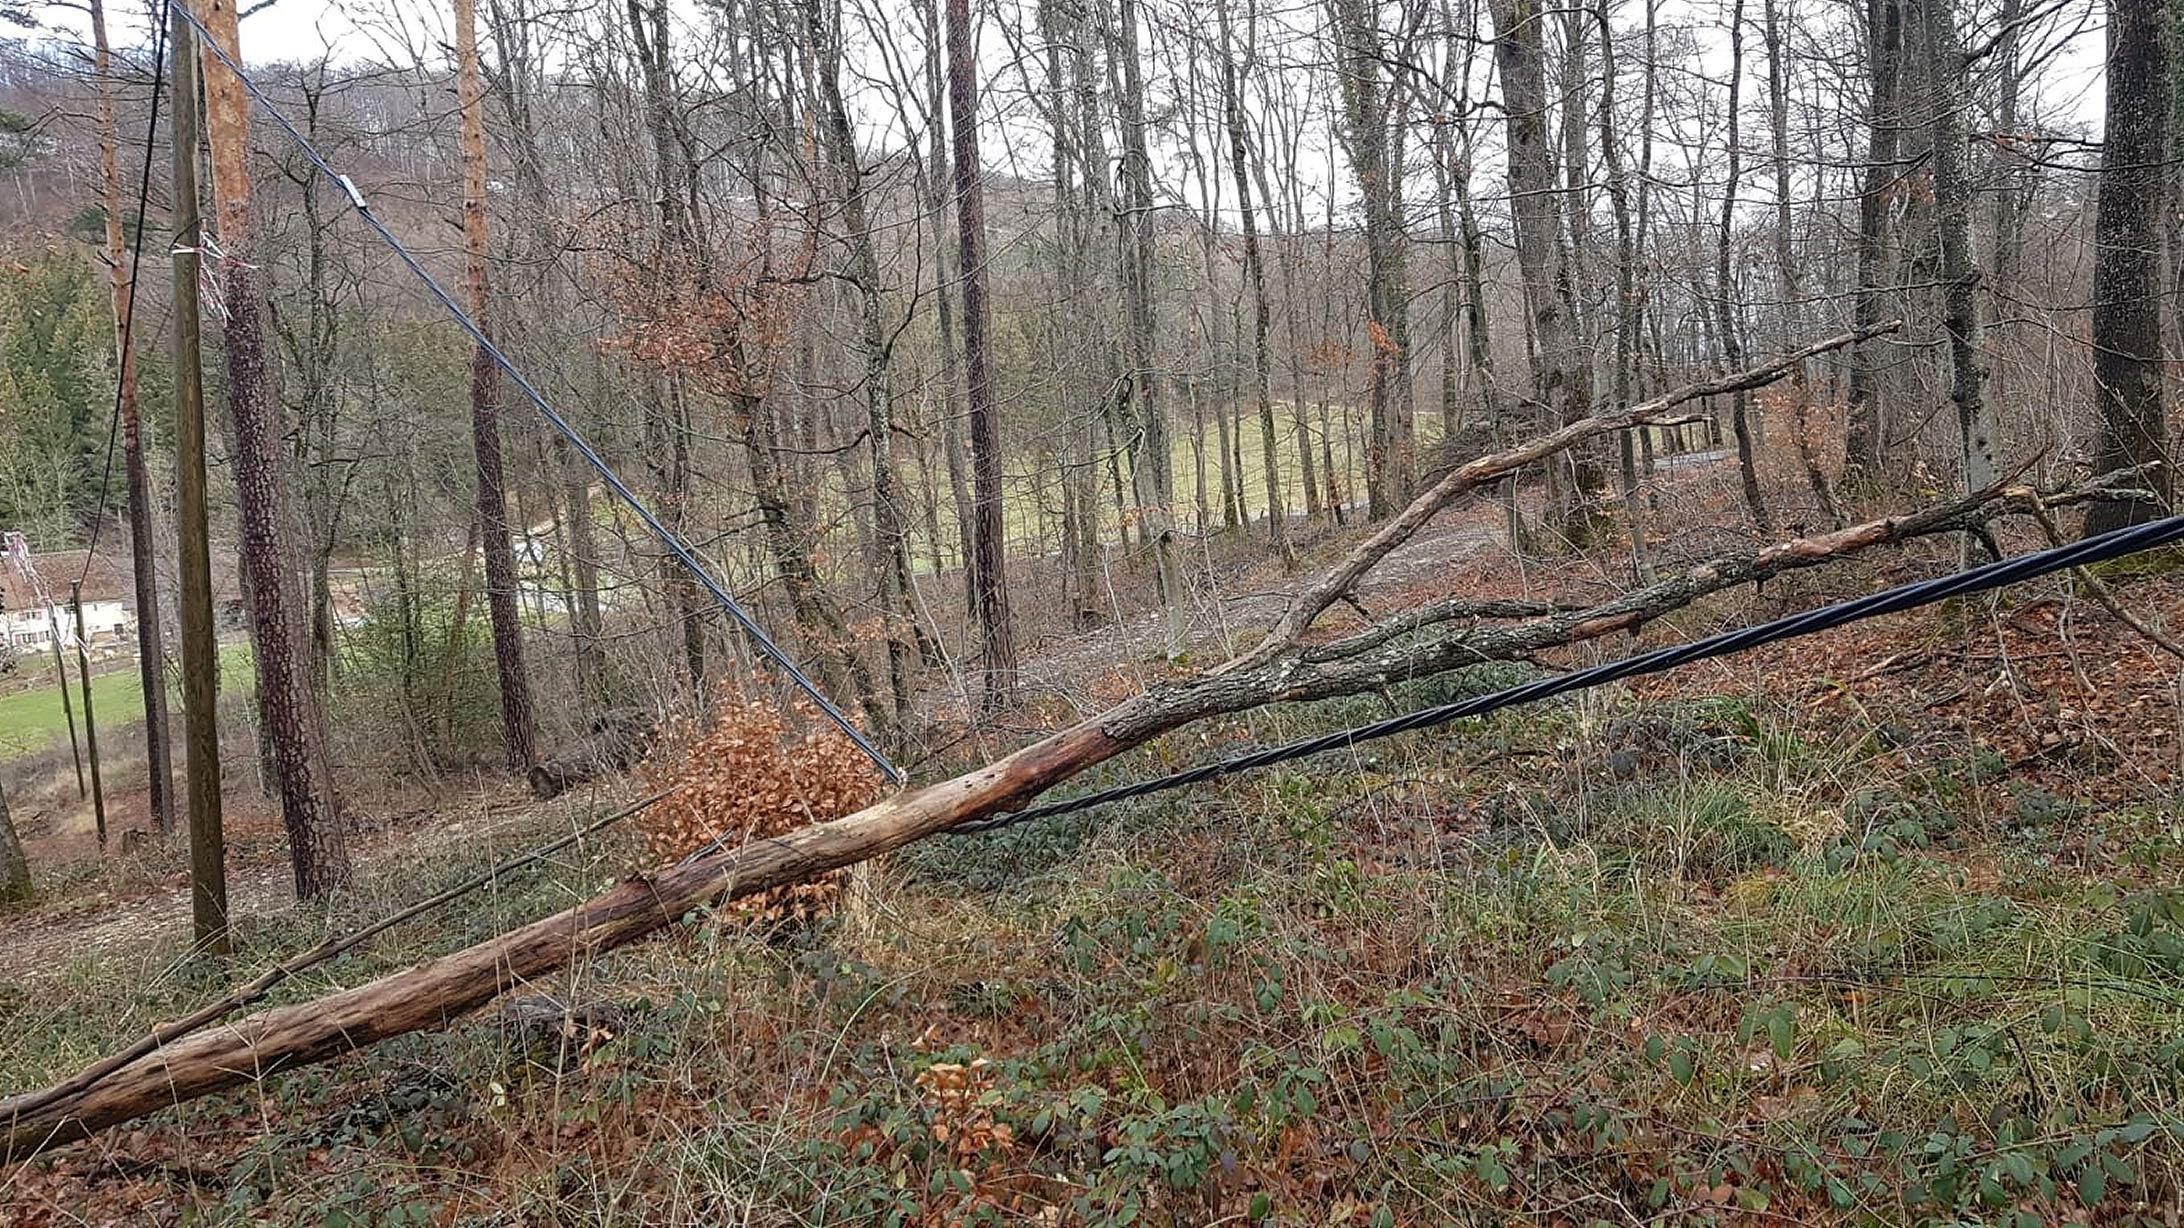 Ein umgestürzter Baum liegt im Wald auf einer Stromleitung